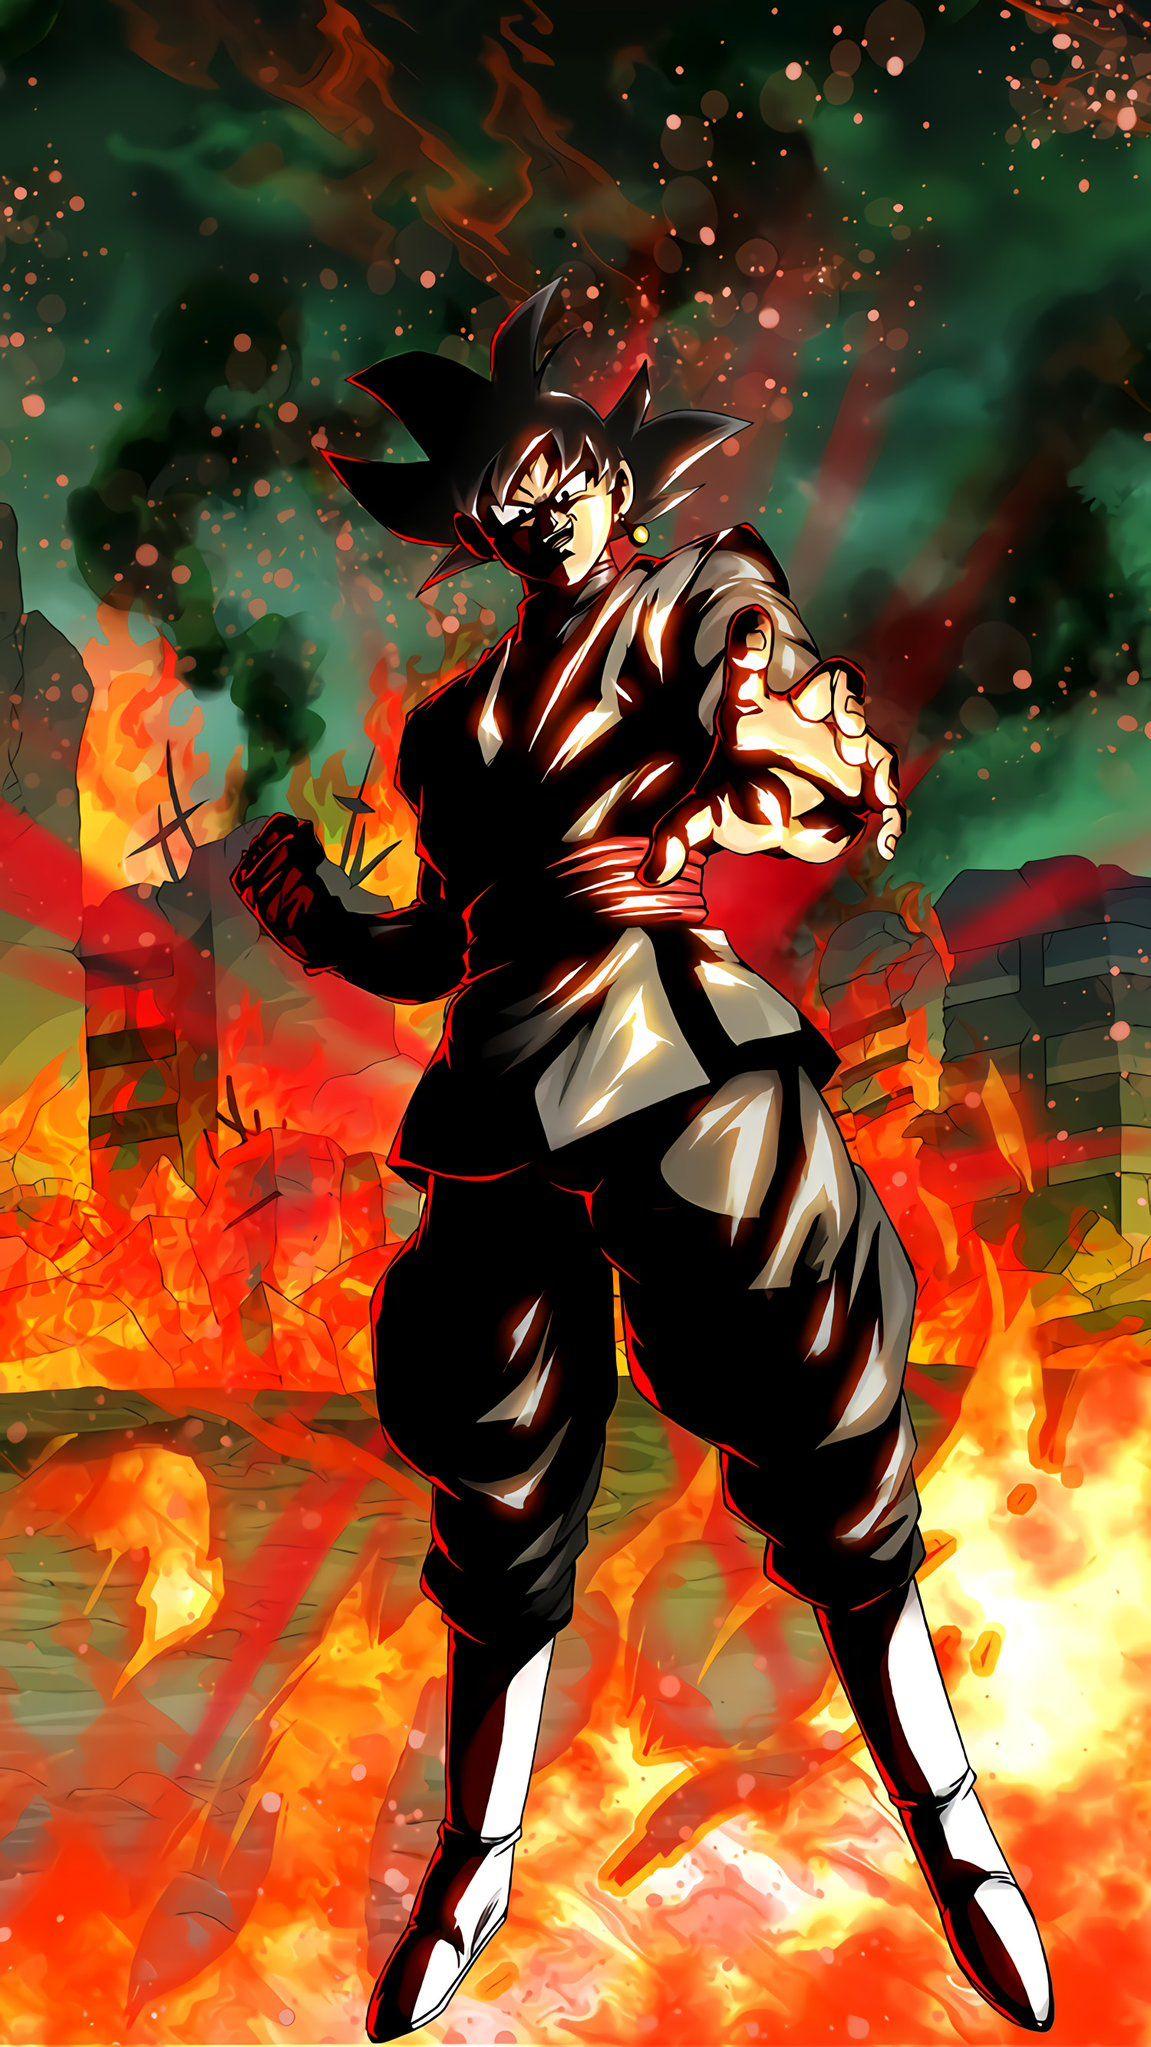 Black Goku Anime Dragon Ball Super Goku Black Dragon Ball Super Manga